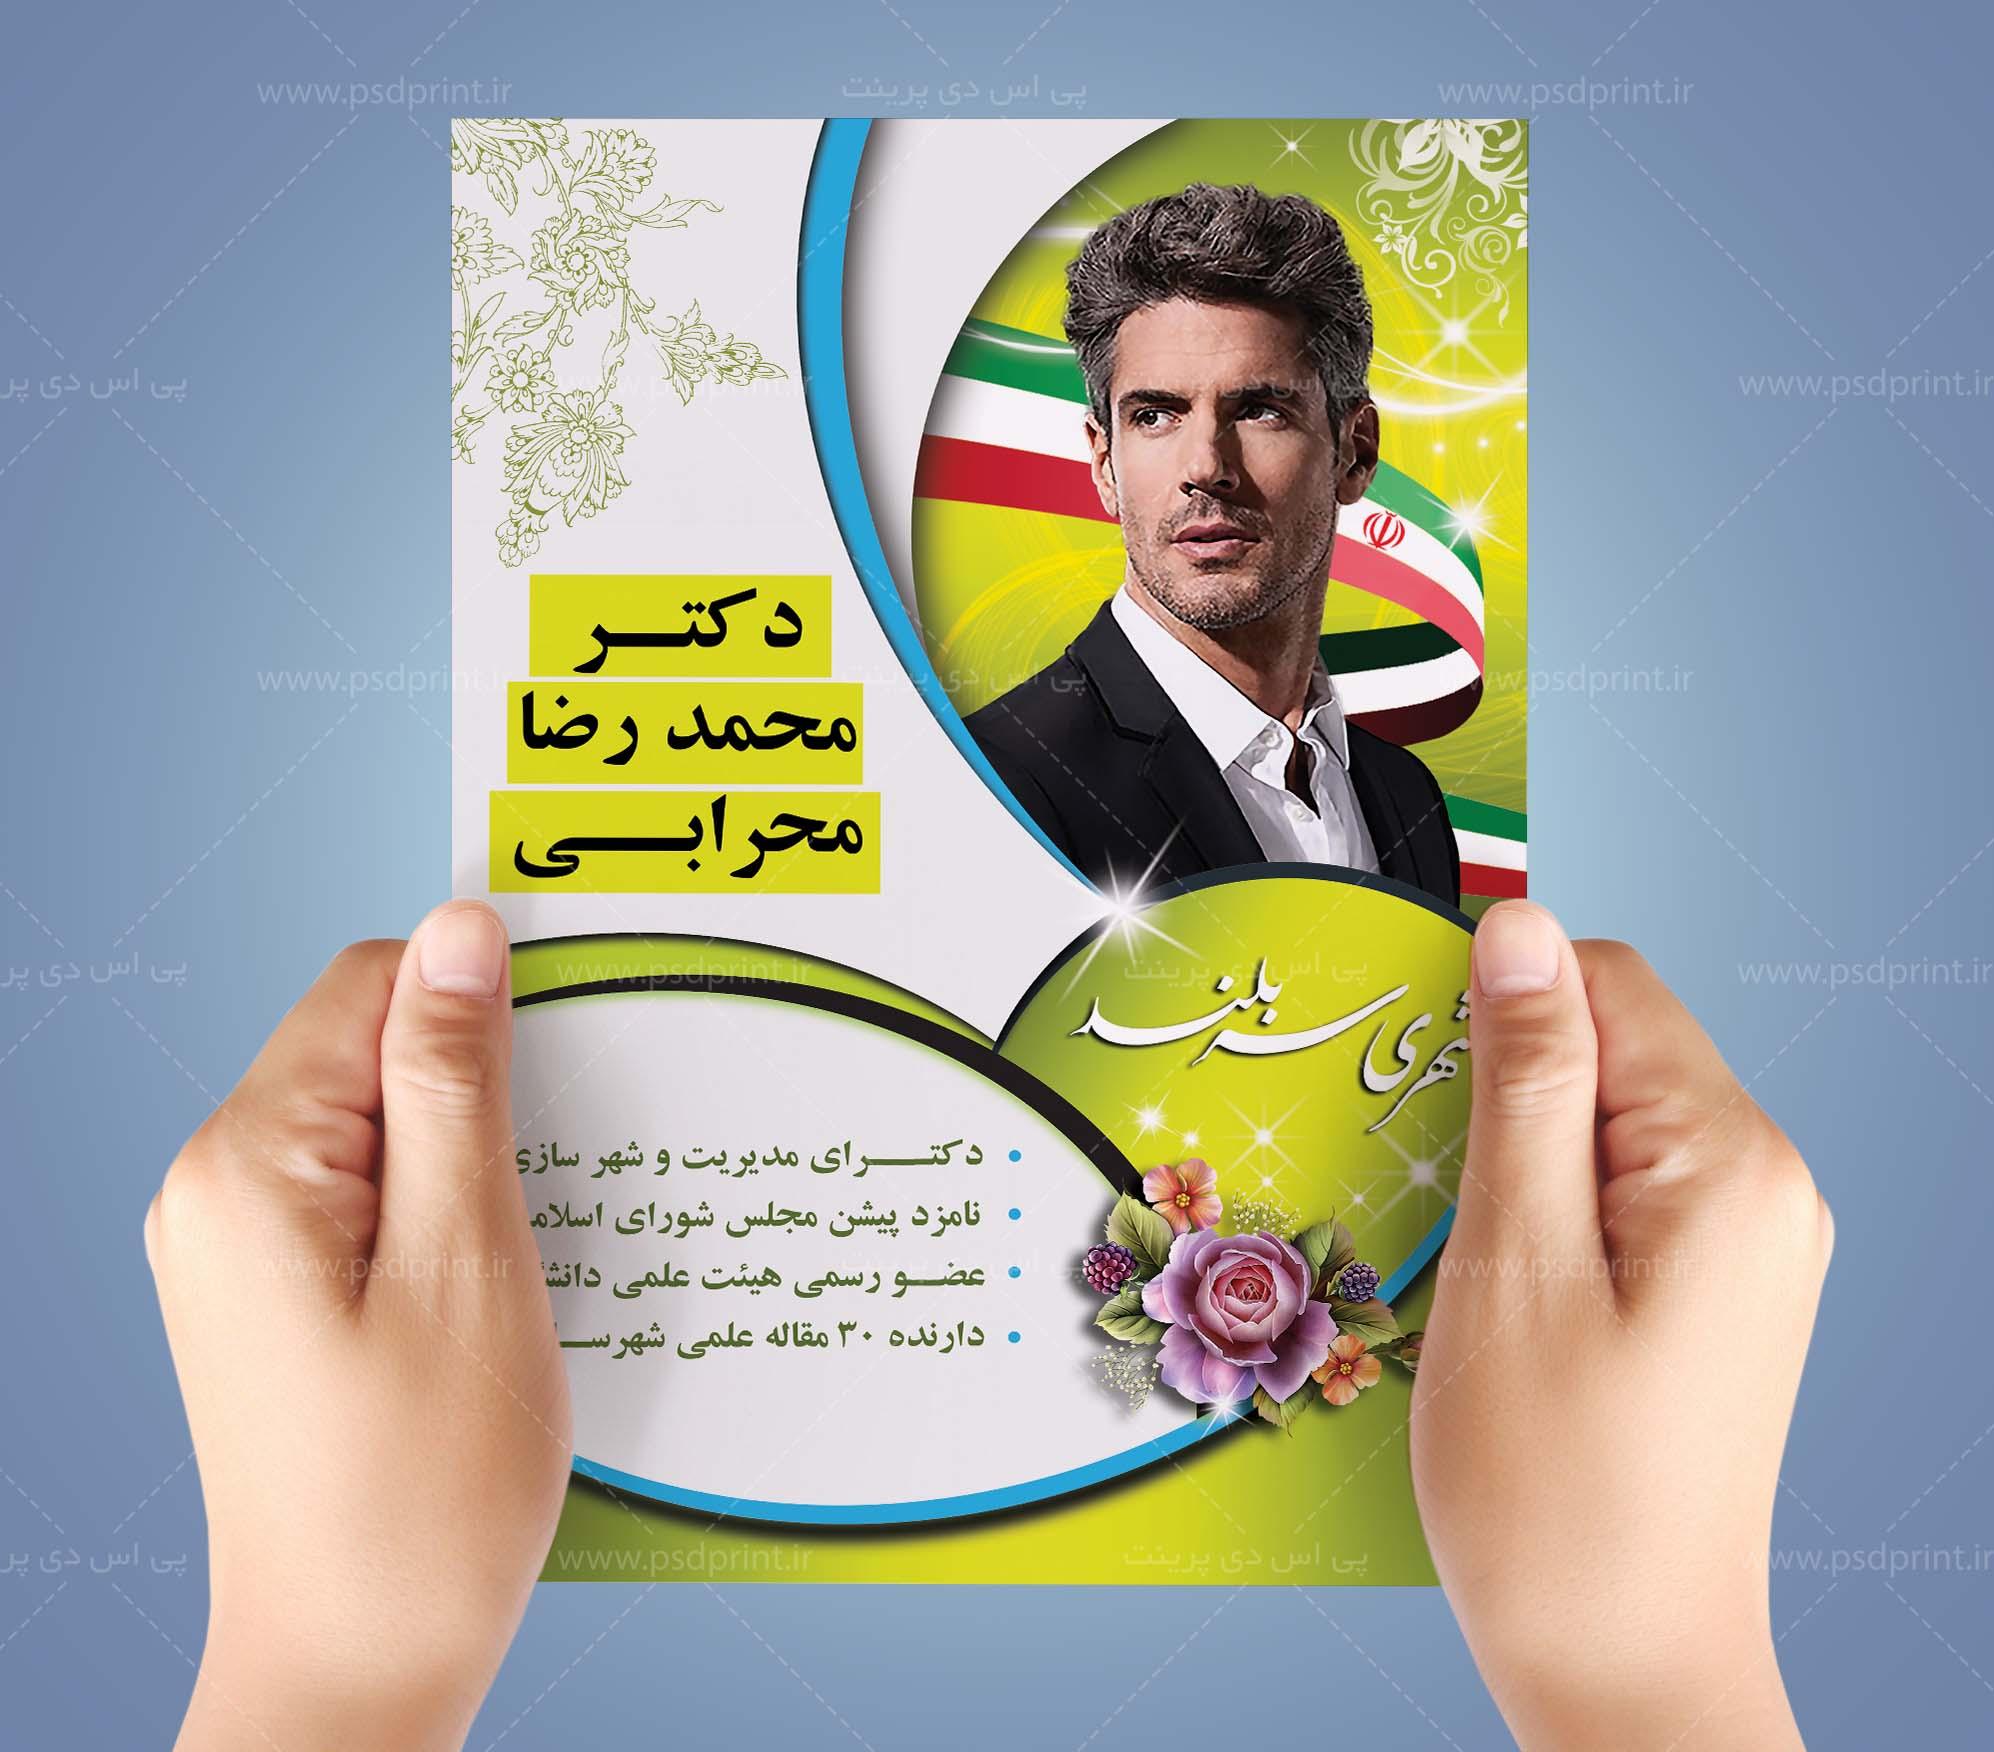 تراکت لایه باز نامزد انتخابات